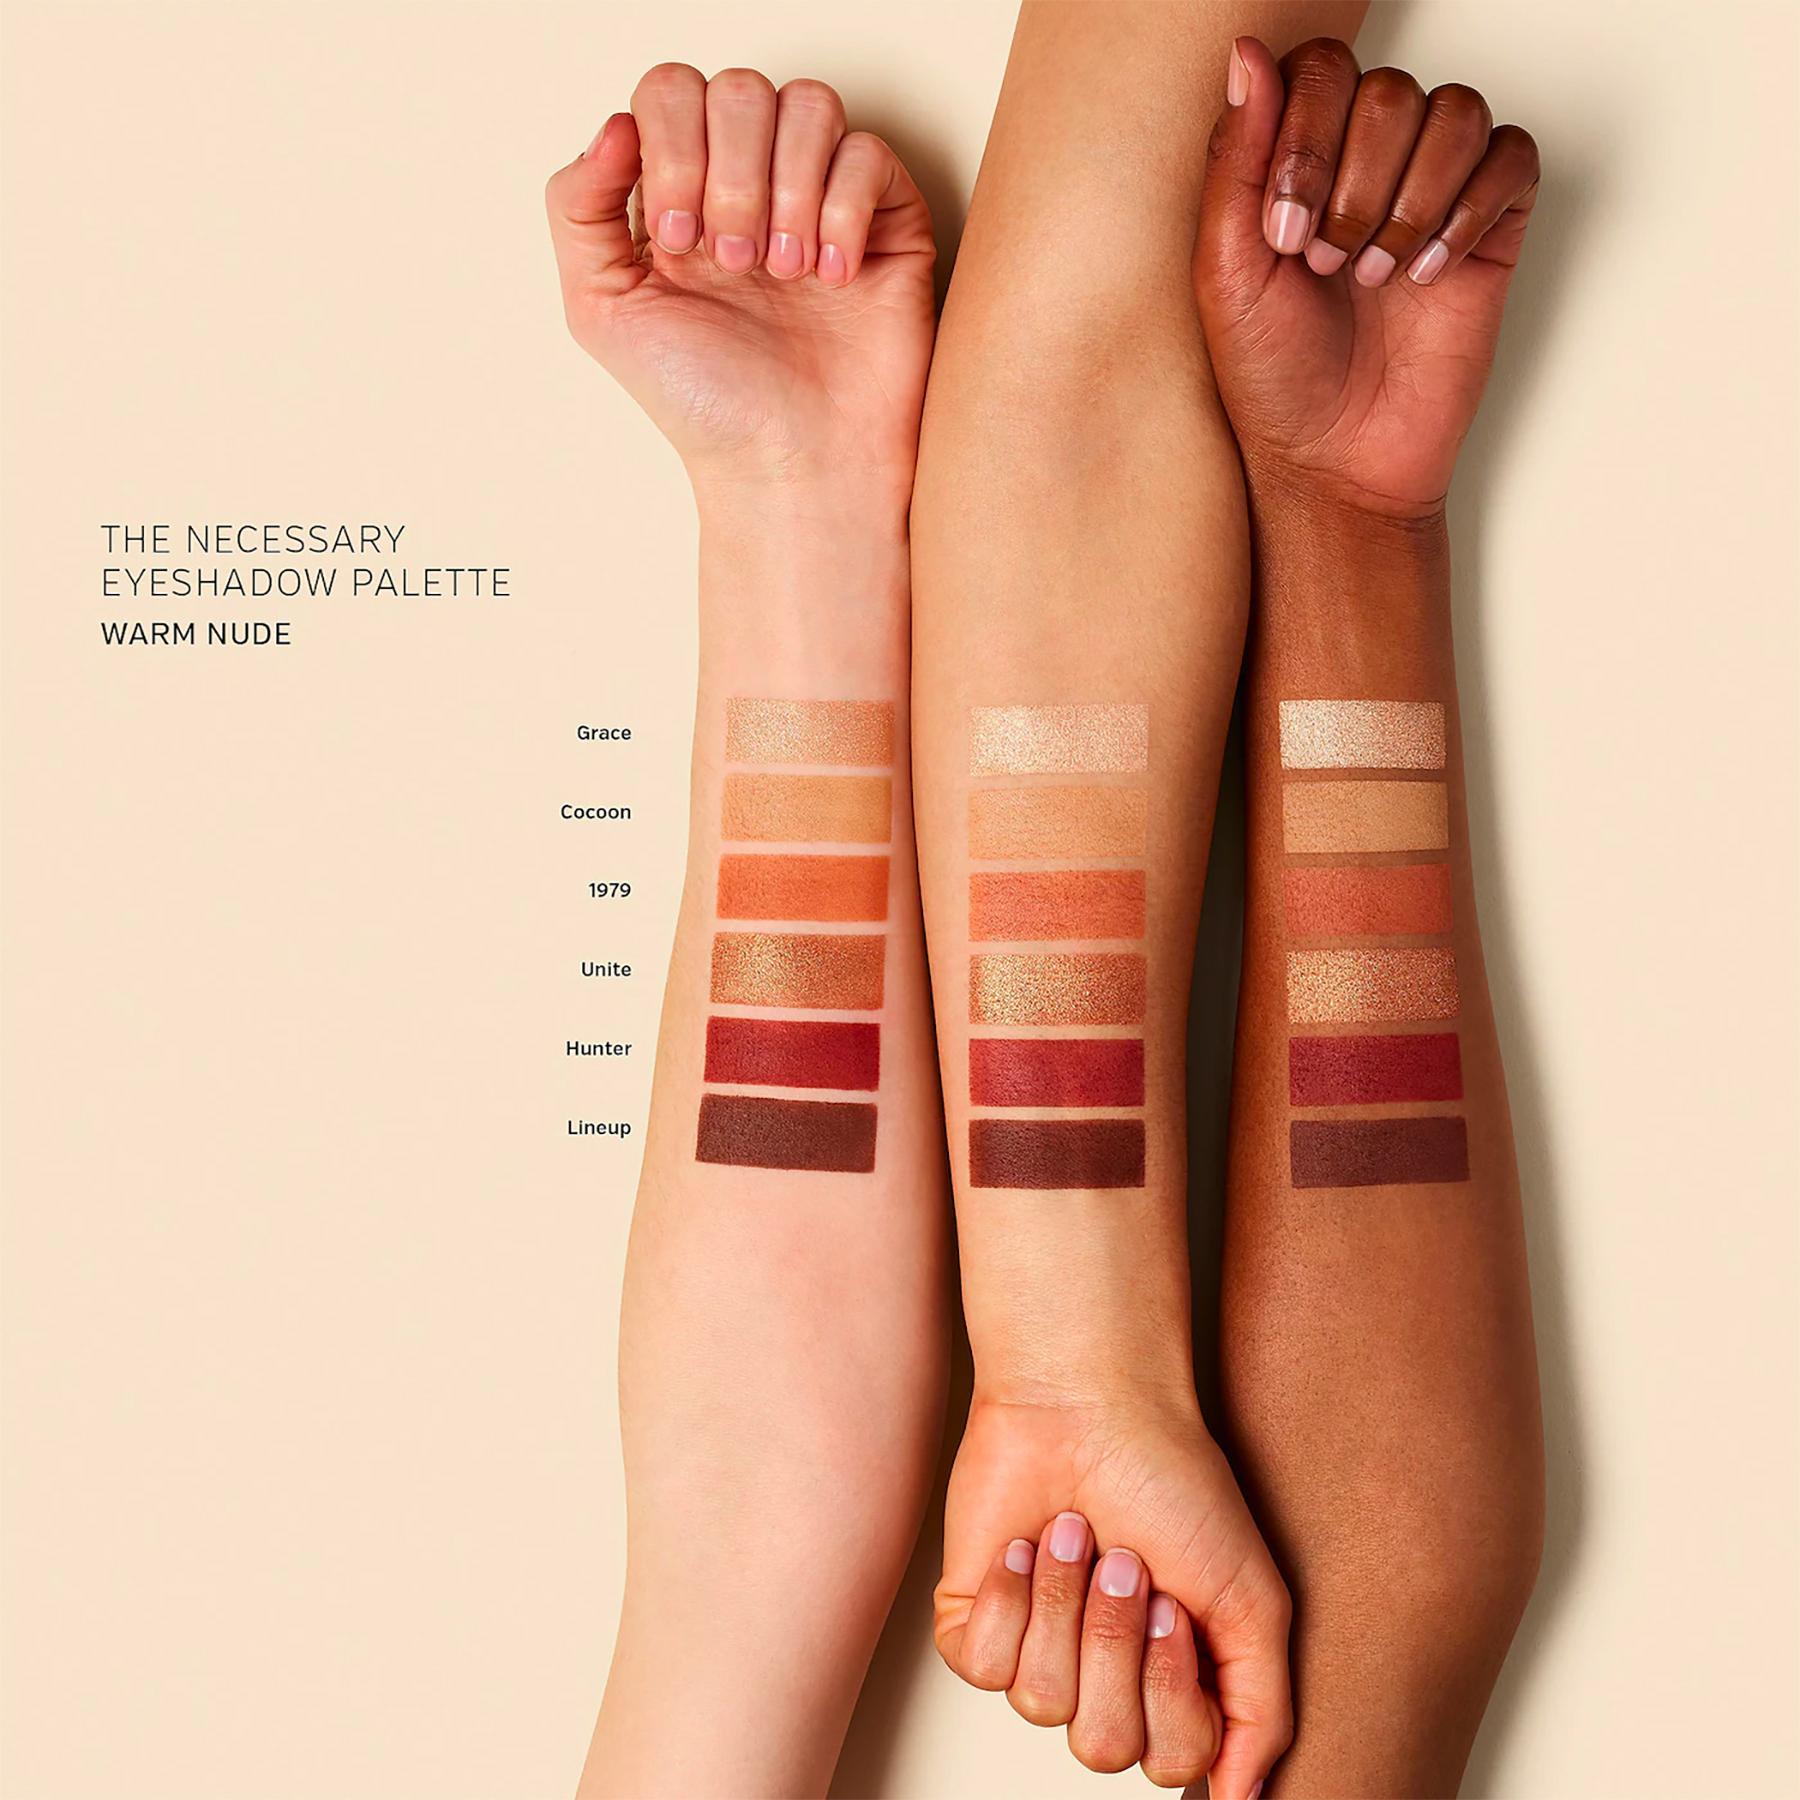 ilia-necessary-eyeshadow-palette-warm-nude-swatch